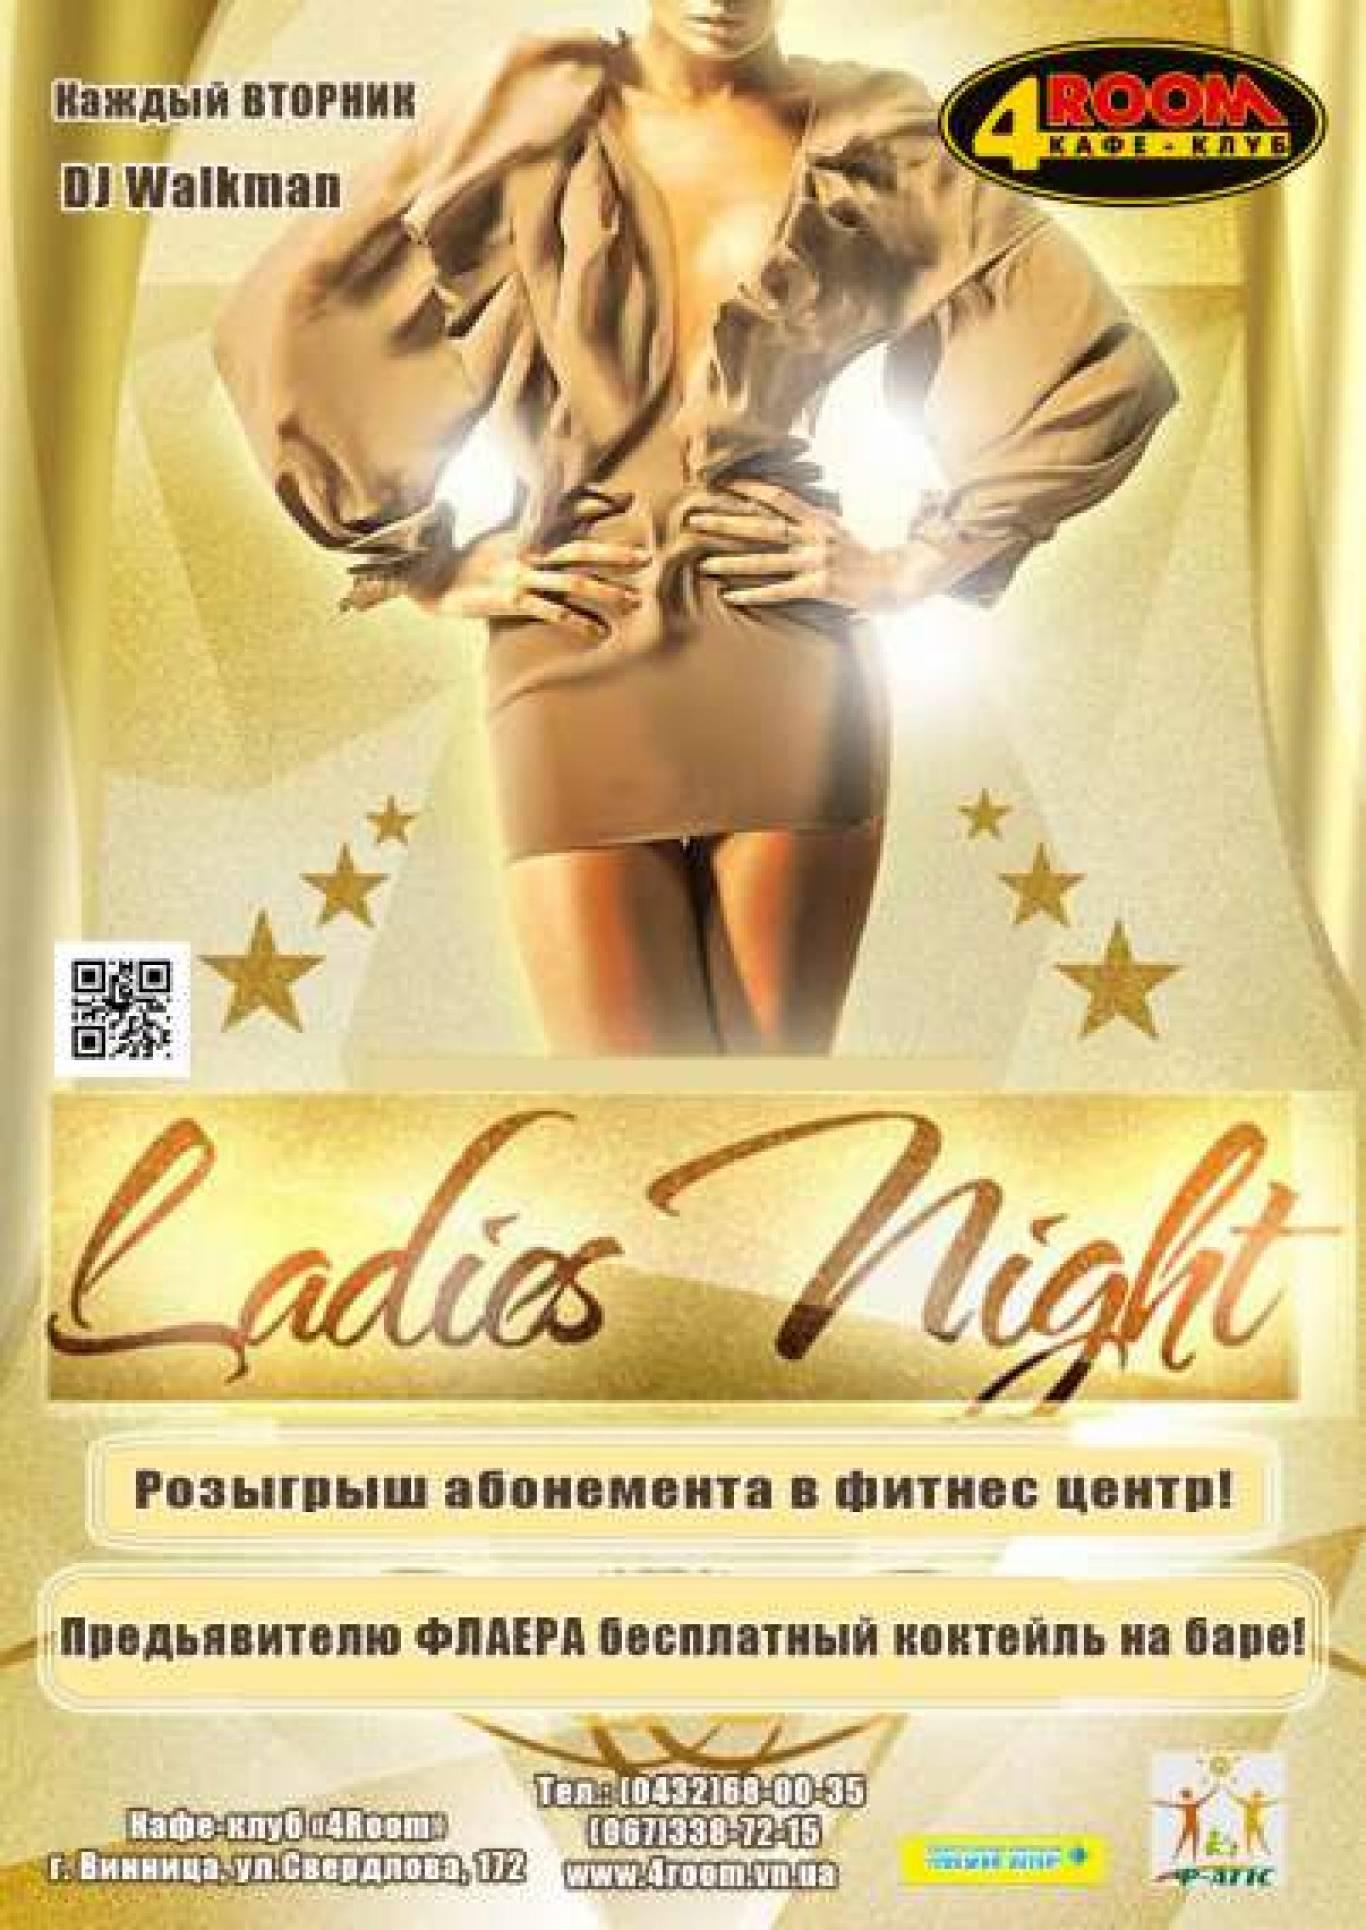 Щовівторка вечірка «Ladies Nights»